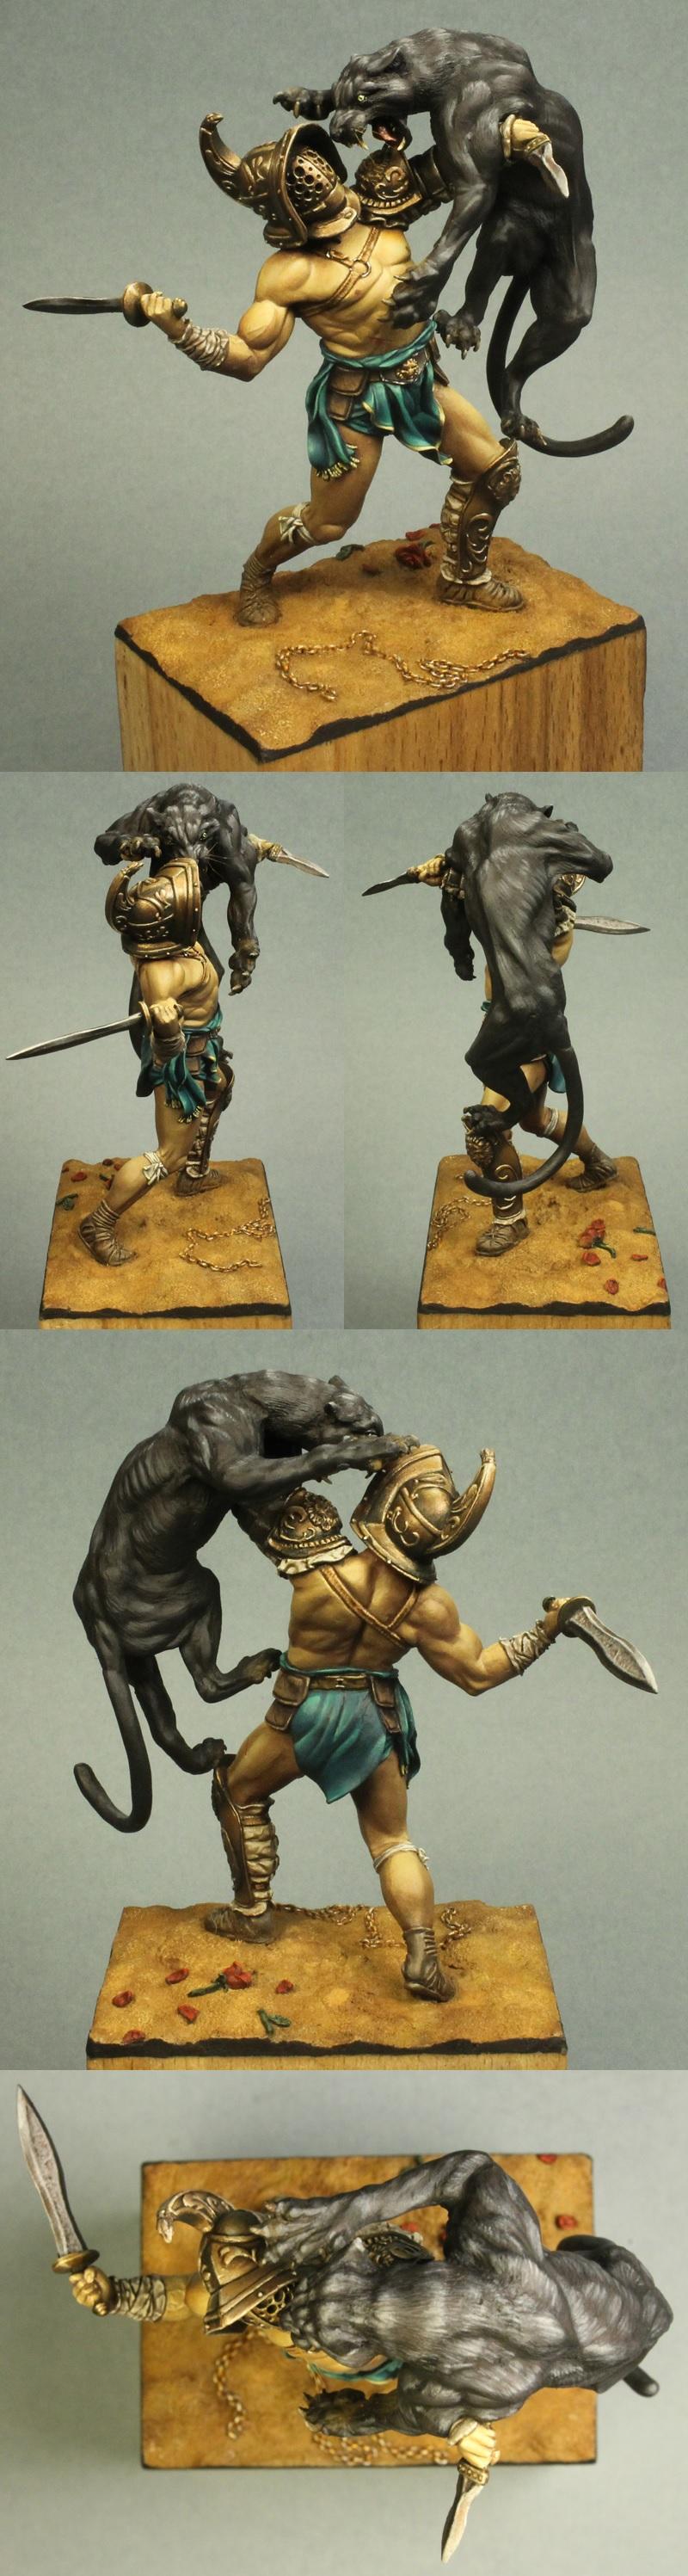 Duelo de Bestias / Duel of beasts